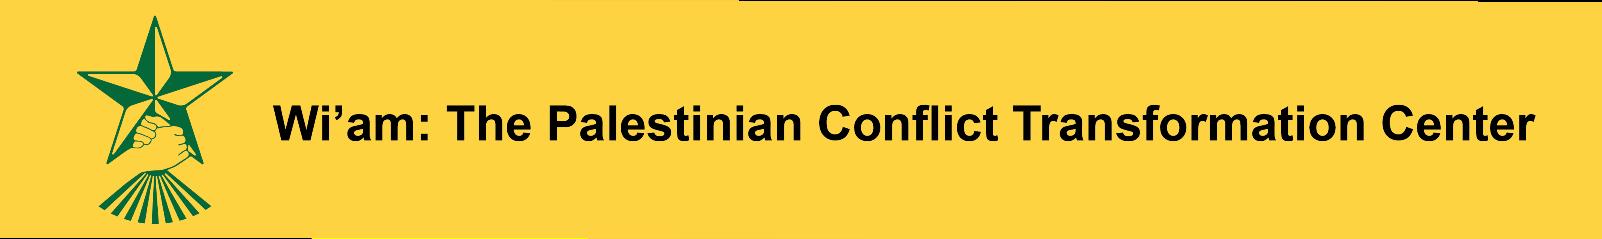 Wi'am Logo